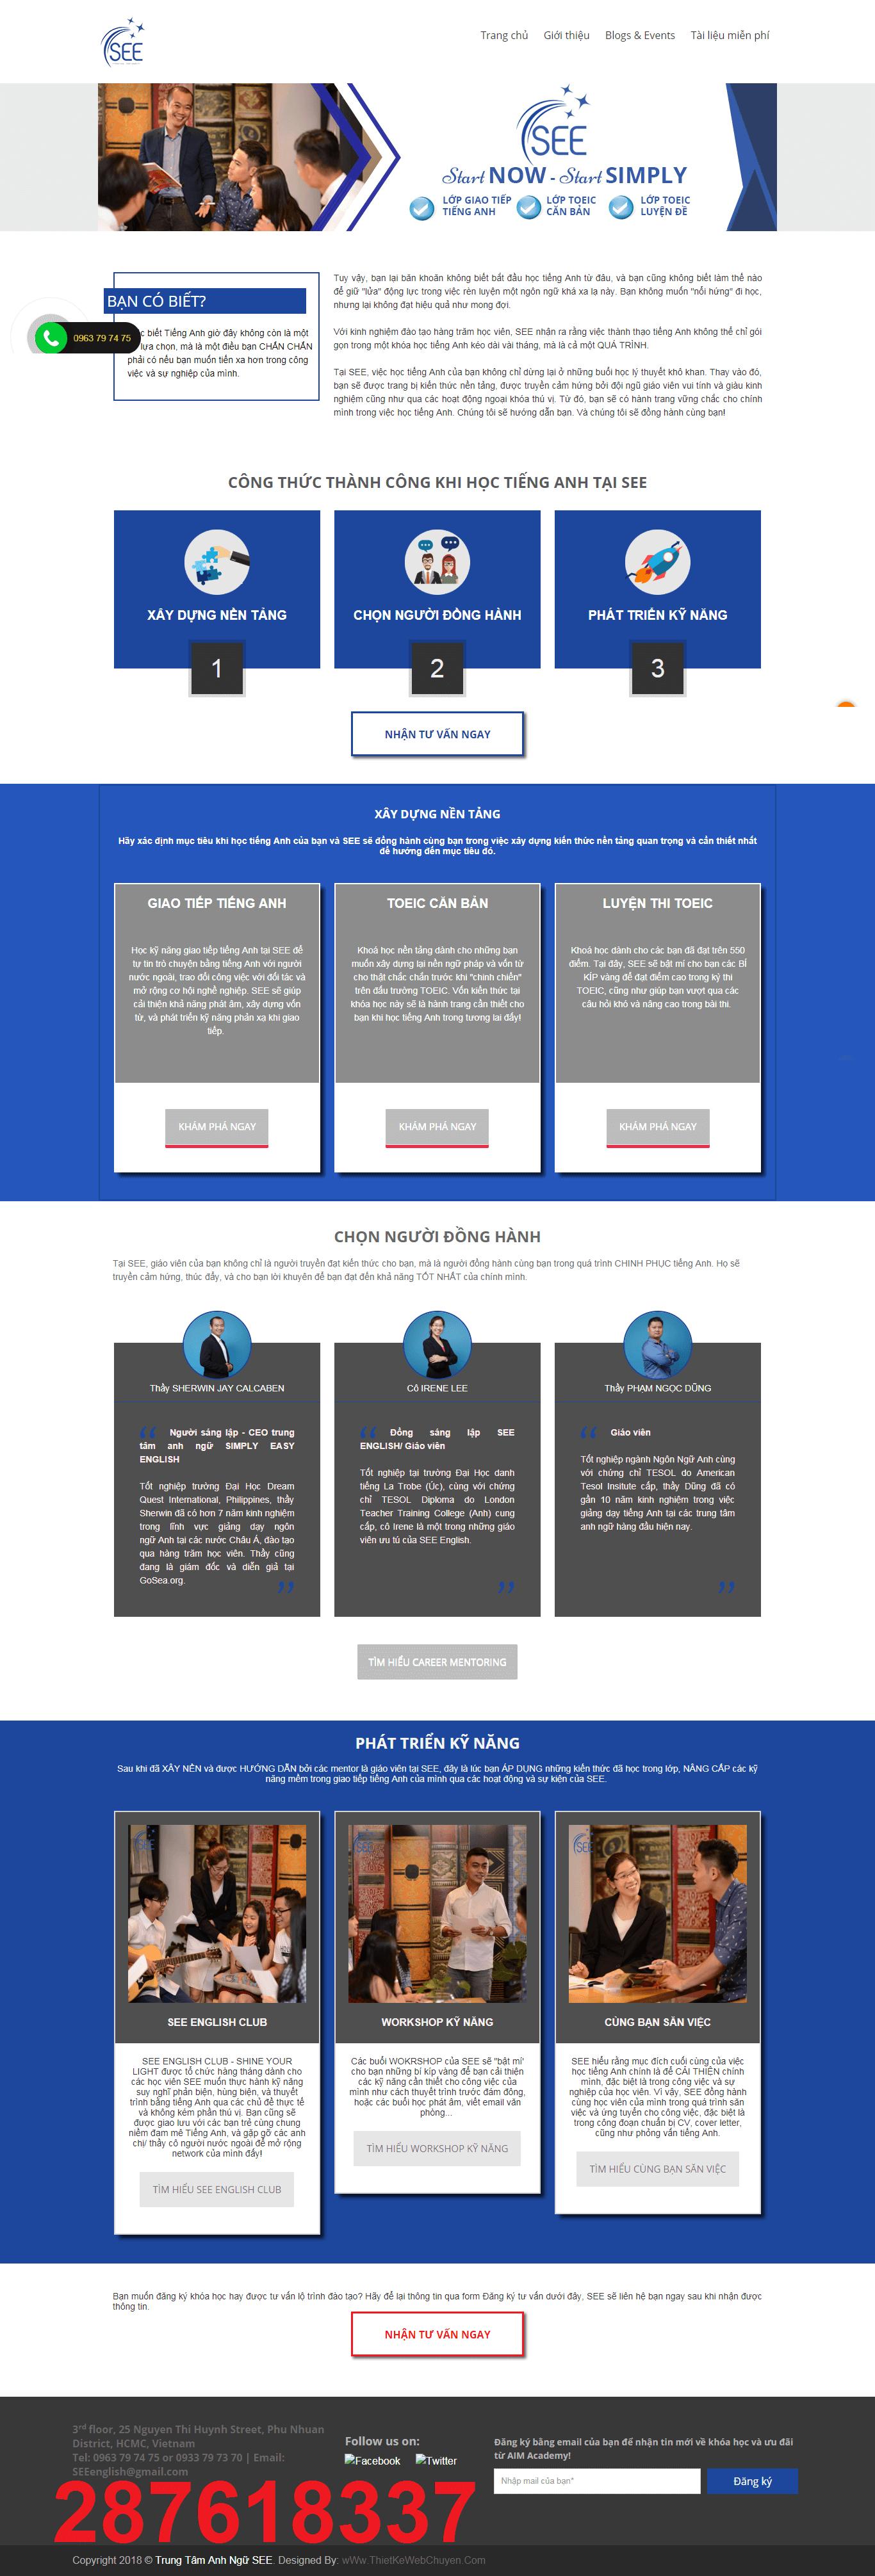 Mẫu web giáo dục seeenglish.edu.vn 287618337